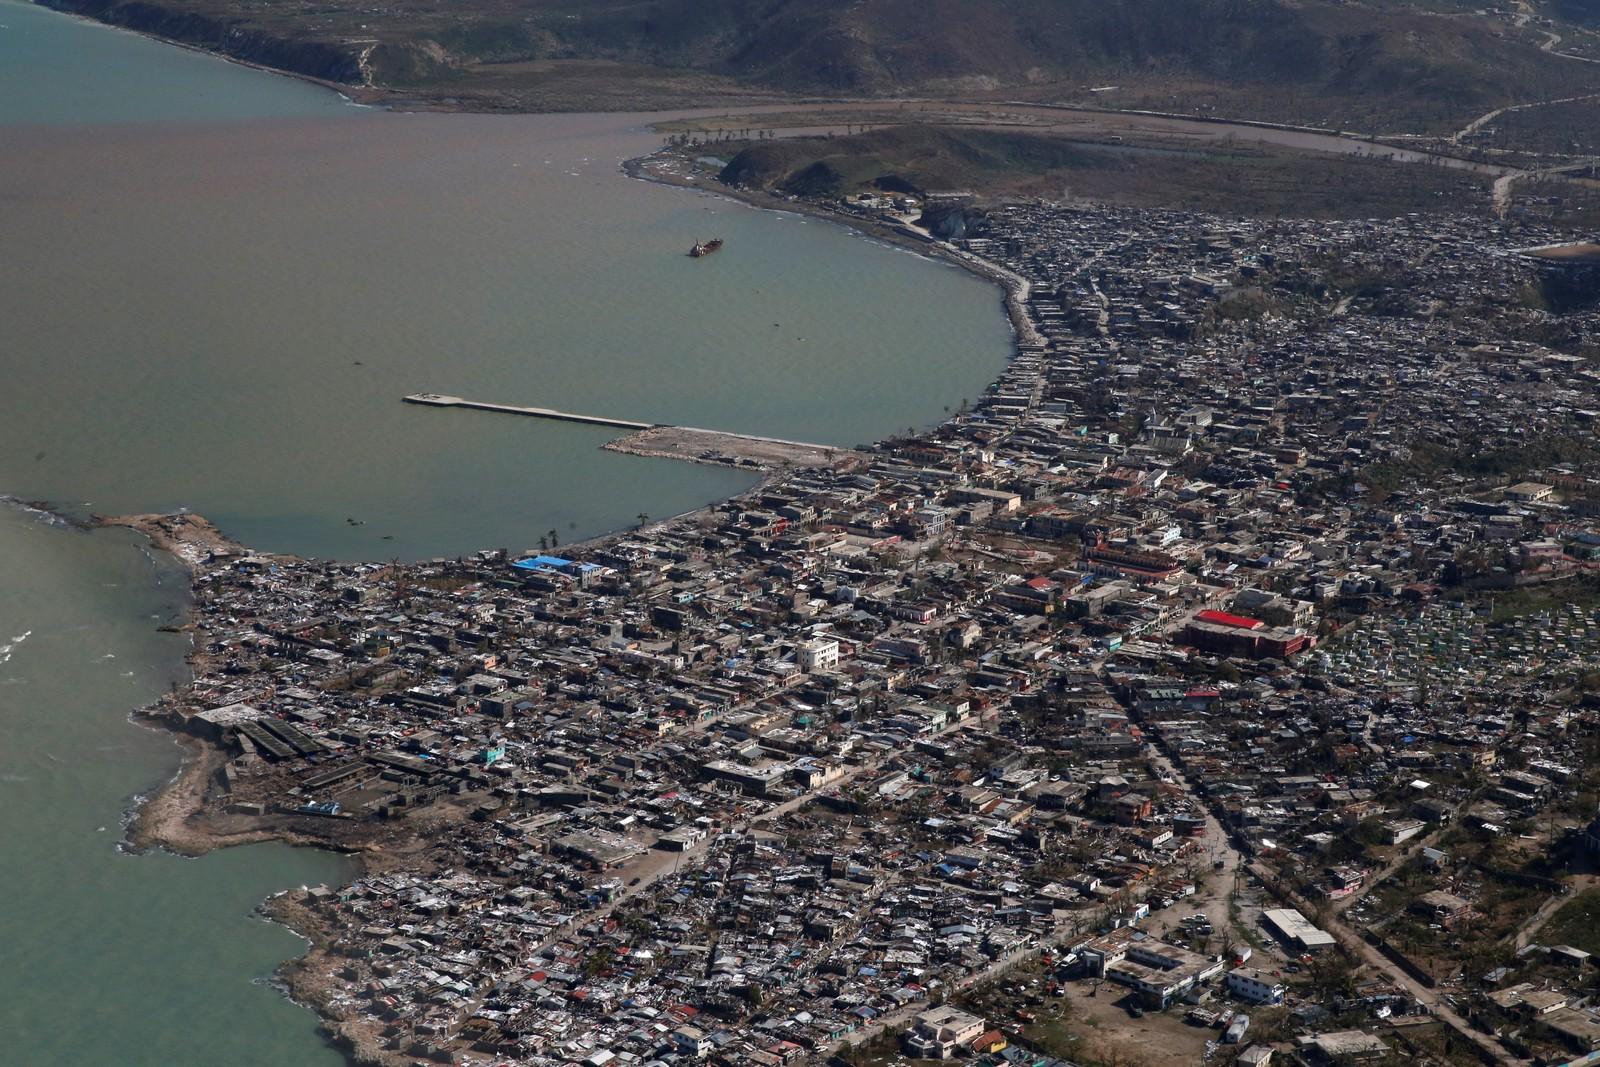 Byen Jeremine ligger helt sør i Haiti og er trolig den byen som ble hardest rammet. Opp mot 90 prosent av byen er ødelagt.